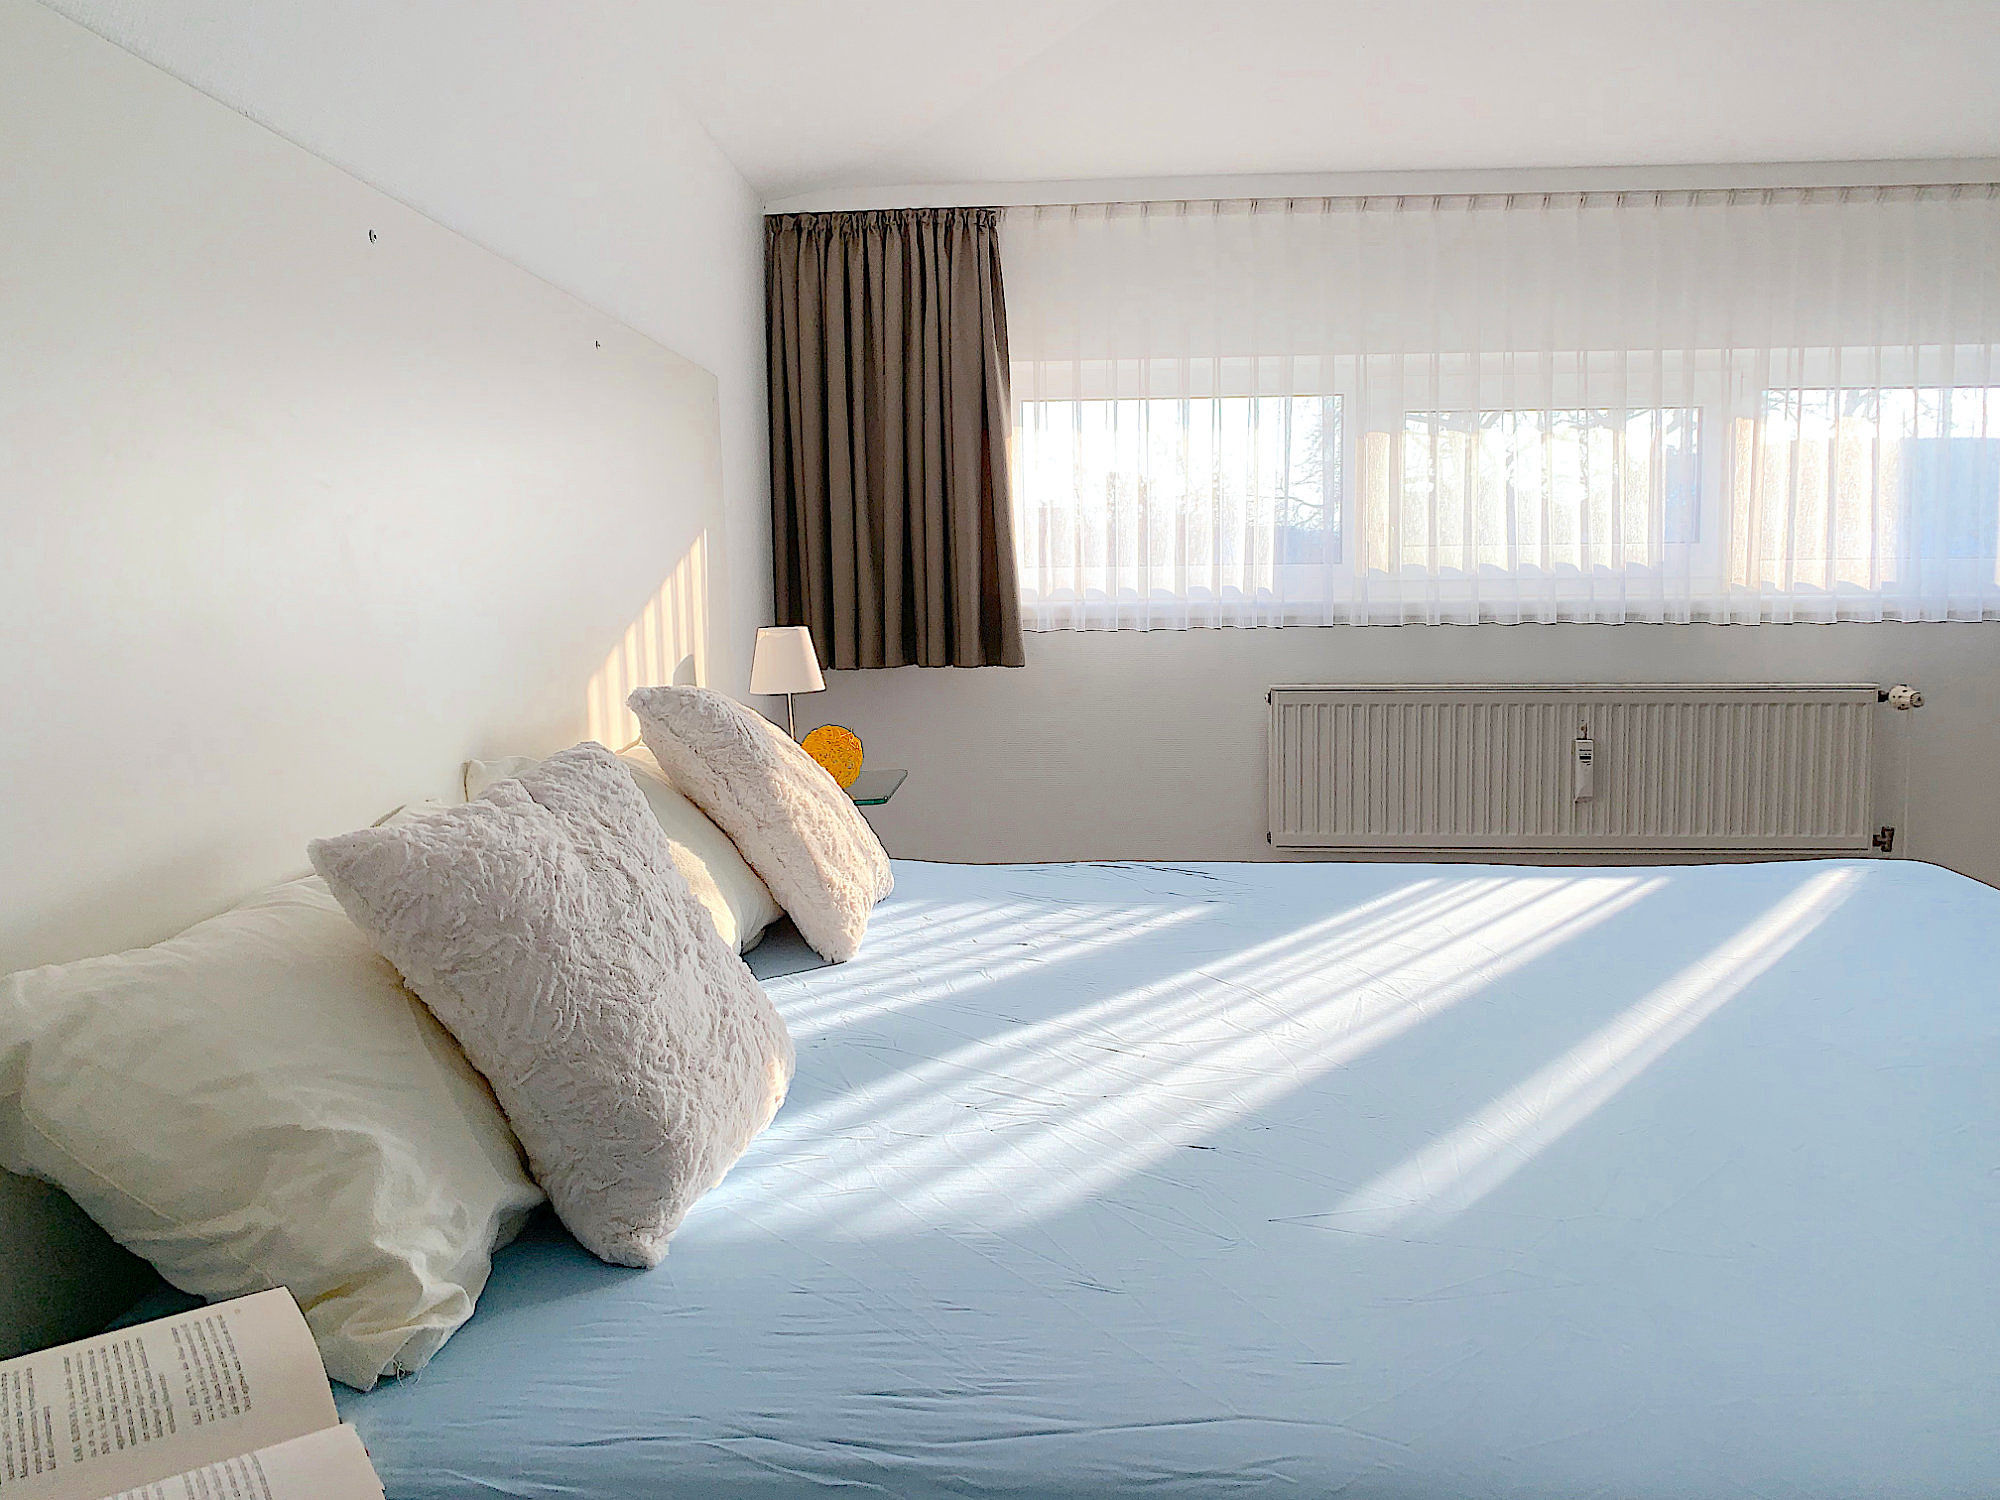 Schlafzimmer mit Doppelbett, rechts davon ein großes Fenster